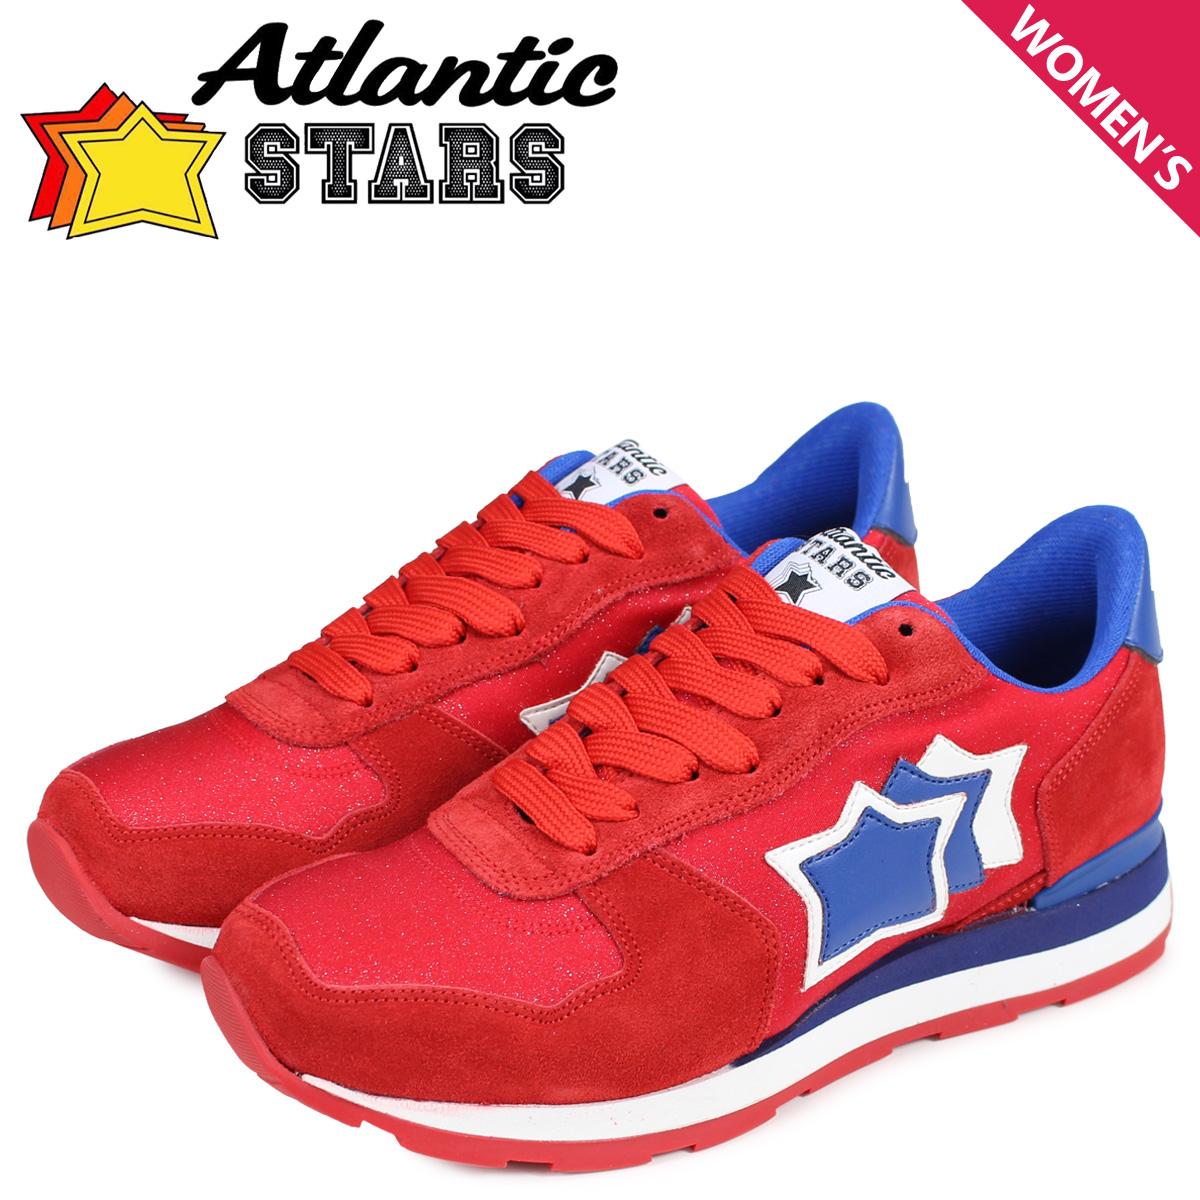 Atlantic STARS アトランティックスターズ ベガ スニーカー レディース VEGA レッド 赤 FUR-19A